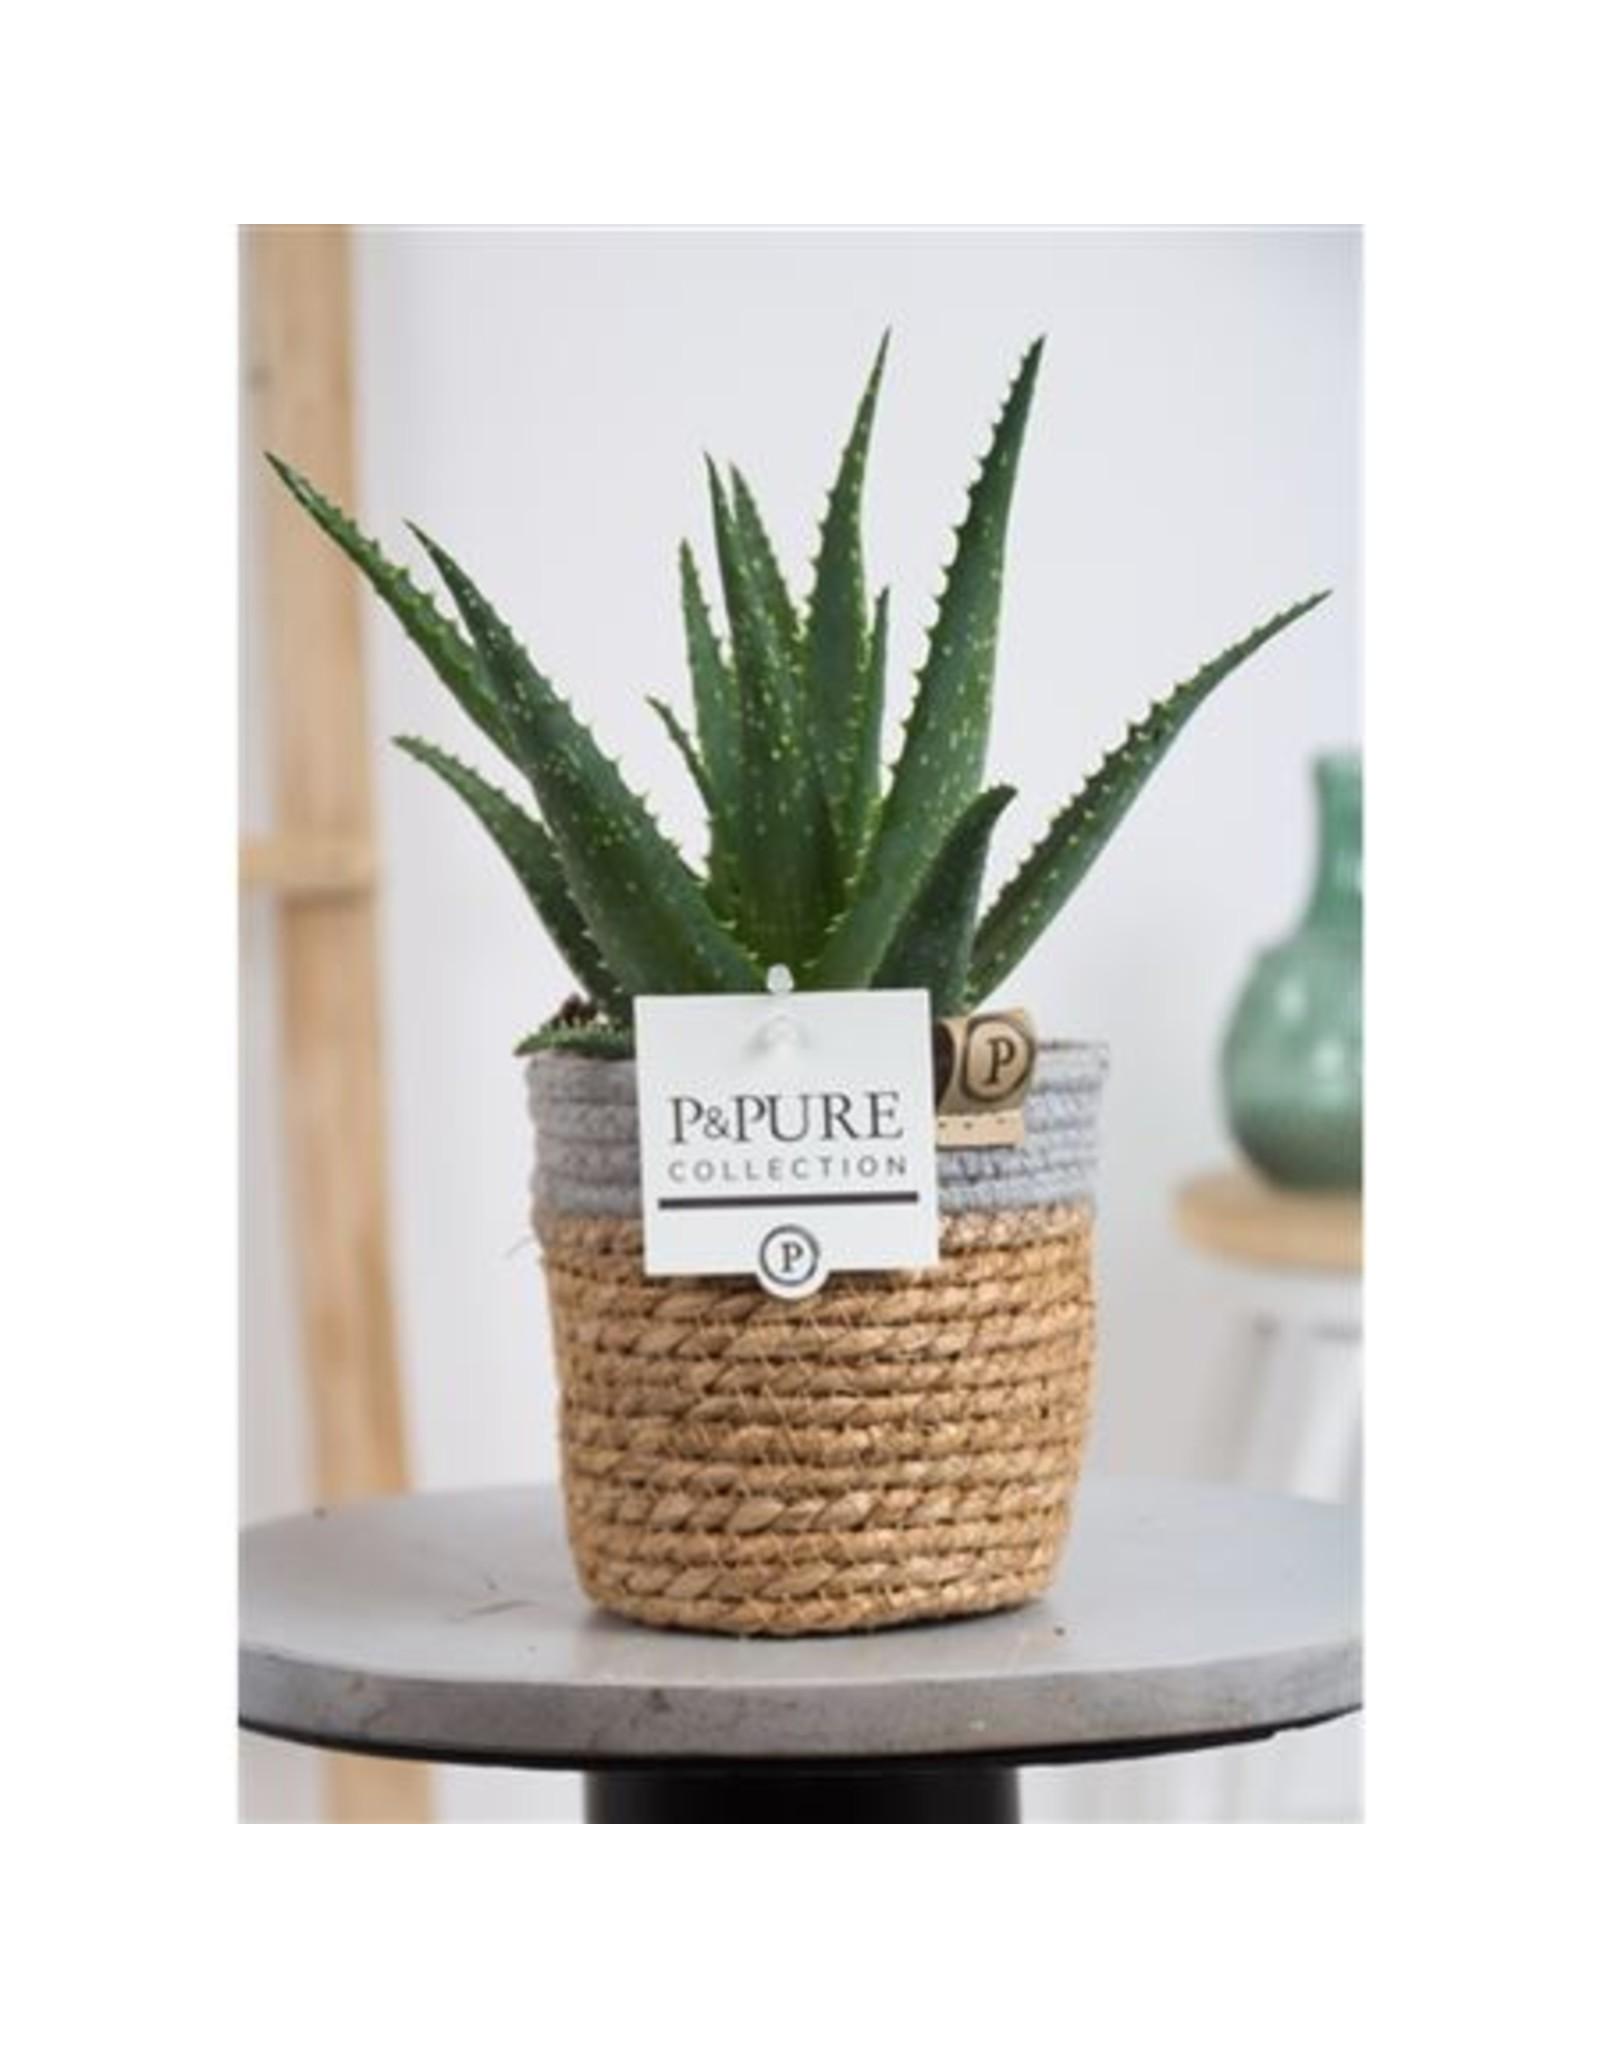 VDP Aloe Arborescens Basket Iii x 6